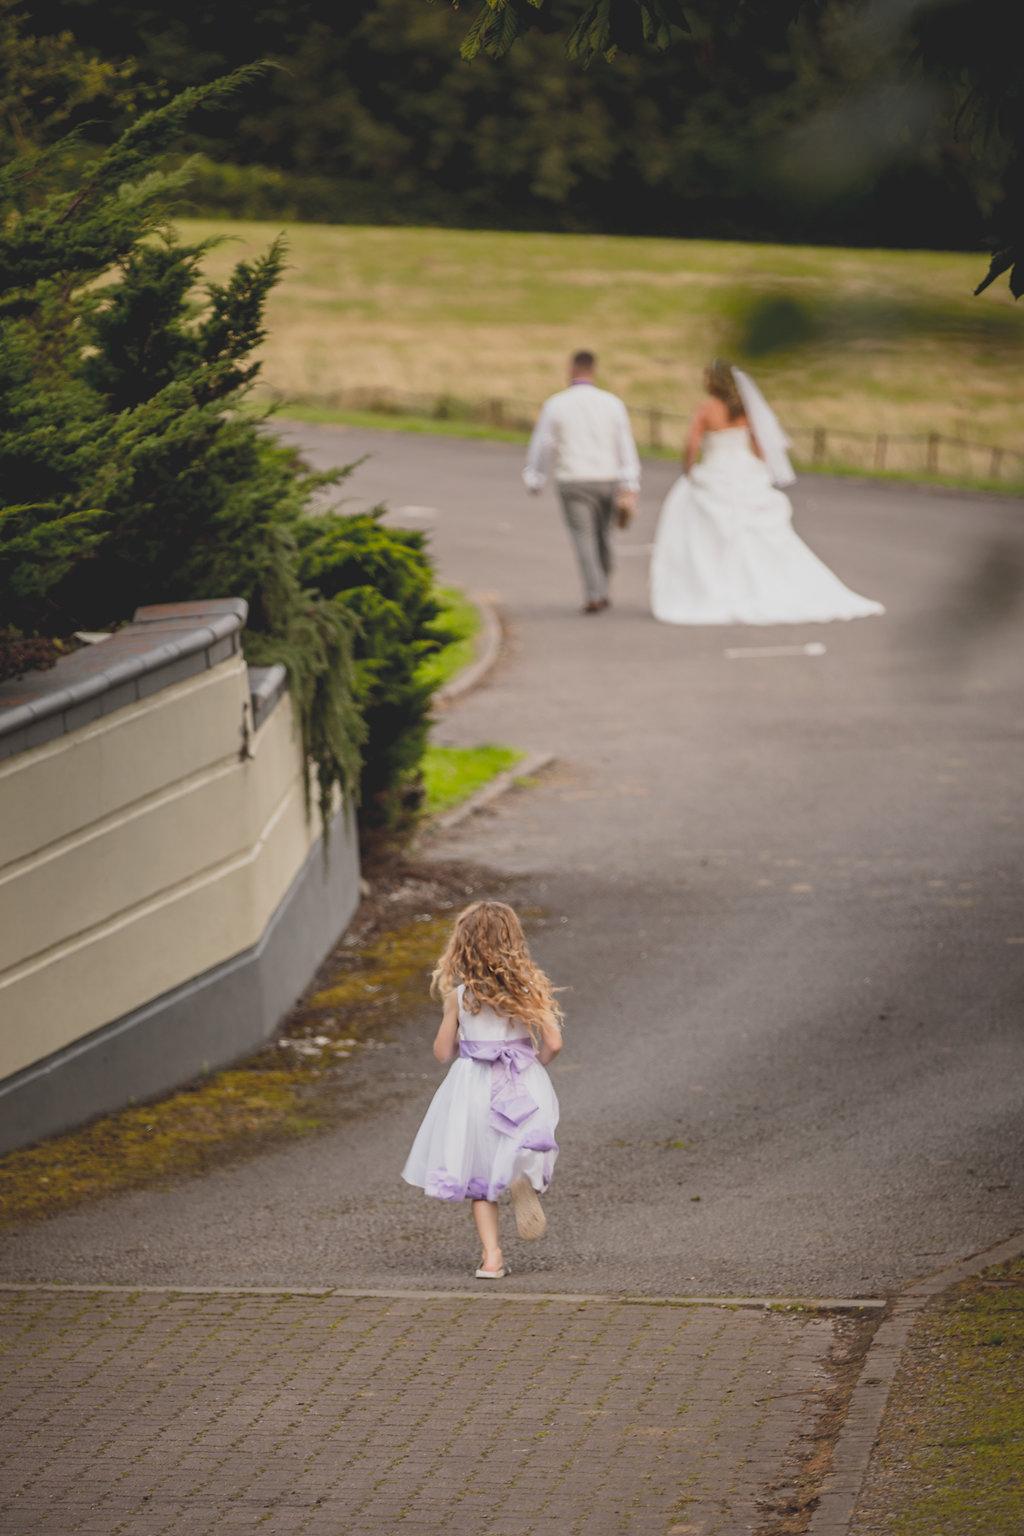 Female-wedding-photographer-cardiff-new-house-hotel-cardiff-natalia-smith-photography-44.jpg